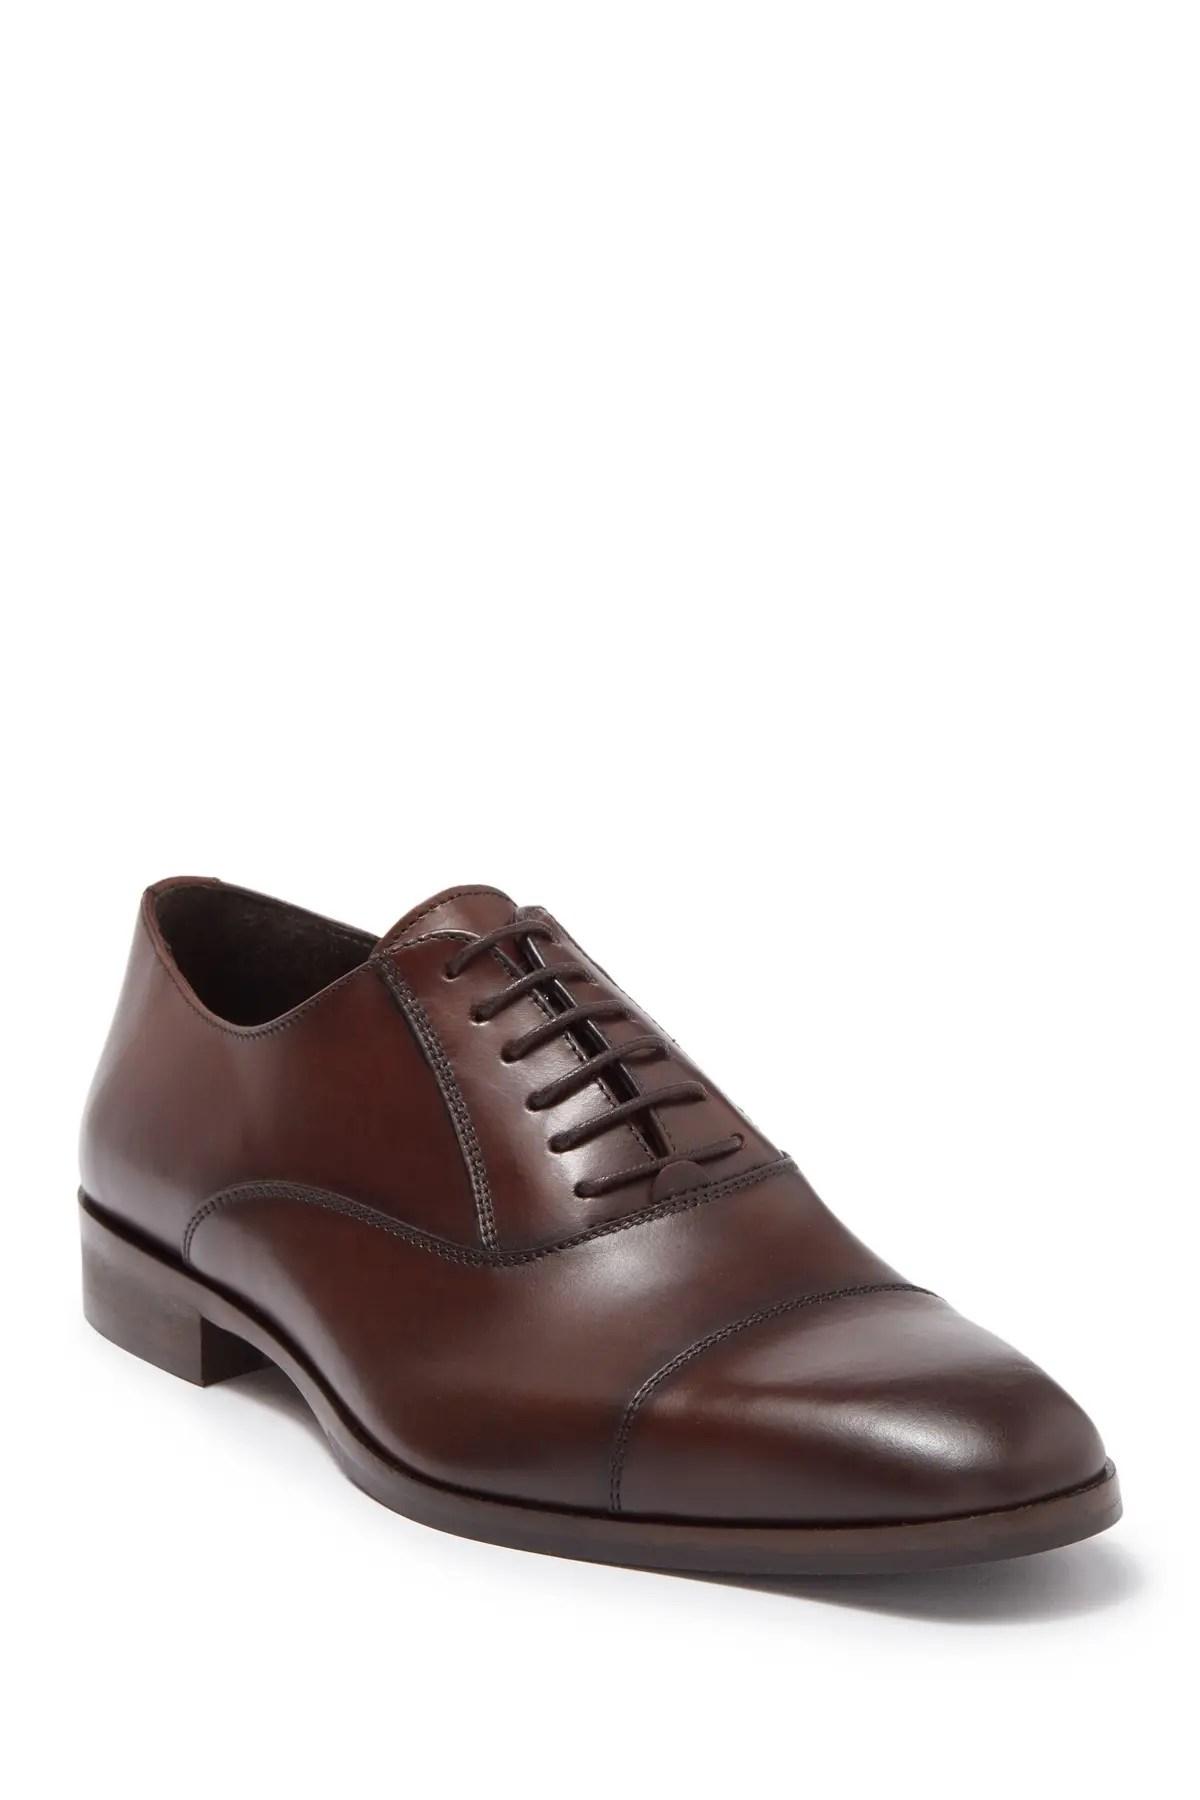 dress shoes oxfords nordstrom rack